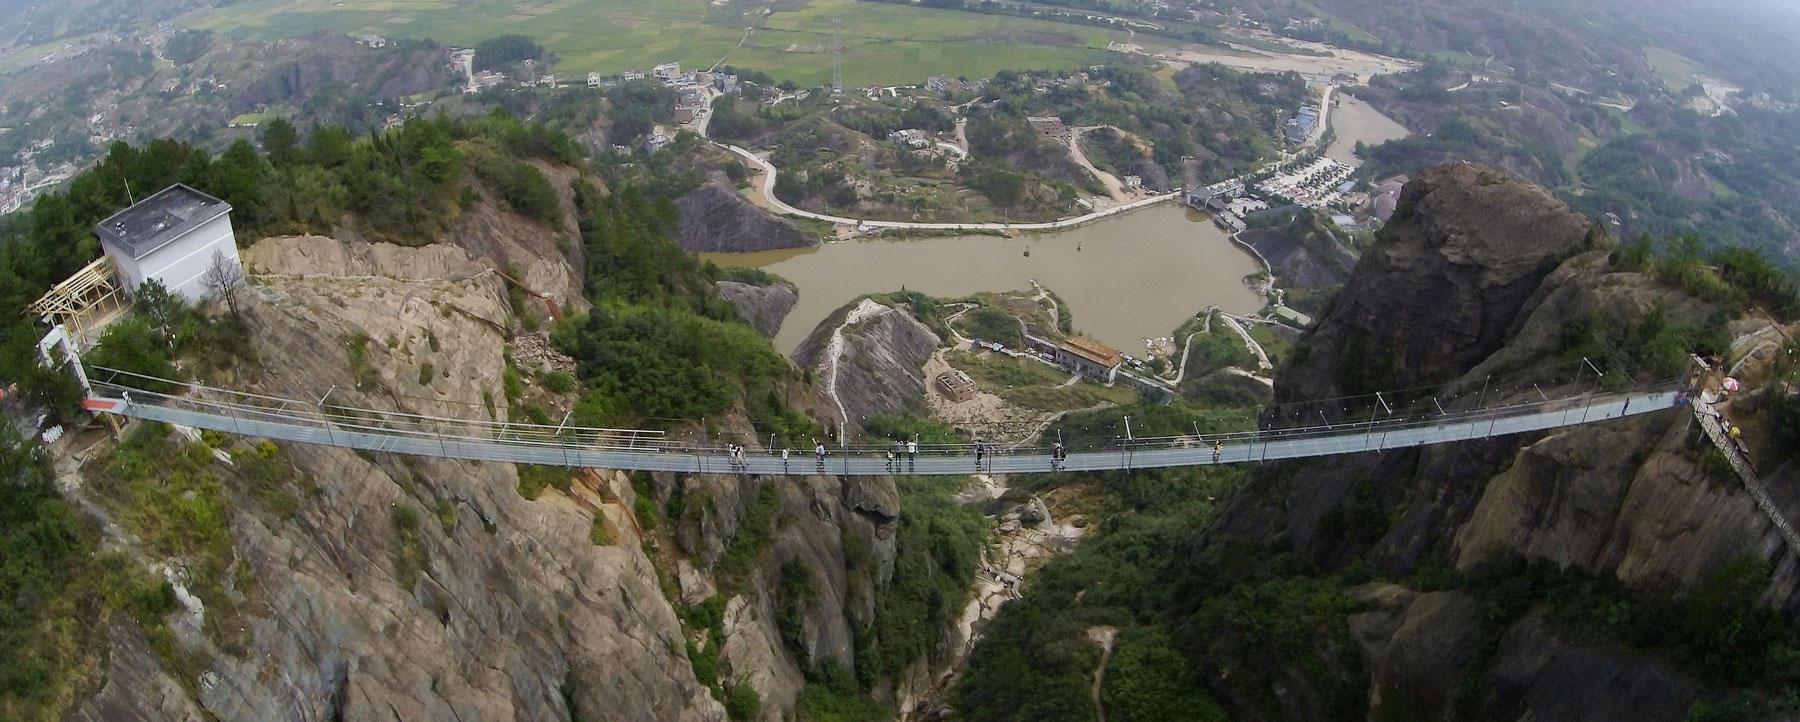 chinabridge-2.jpg